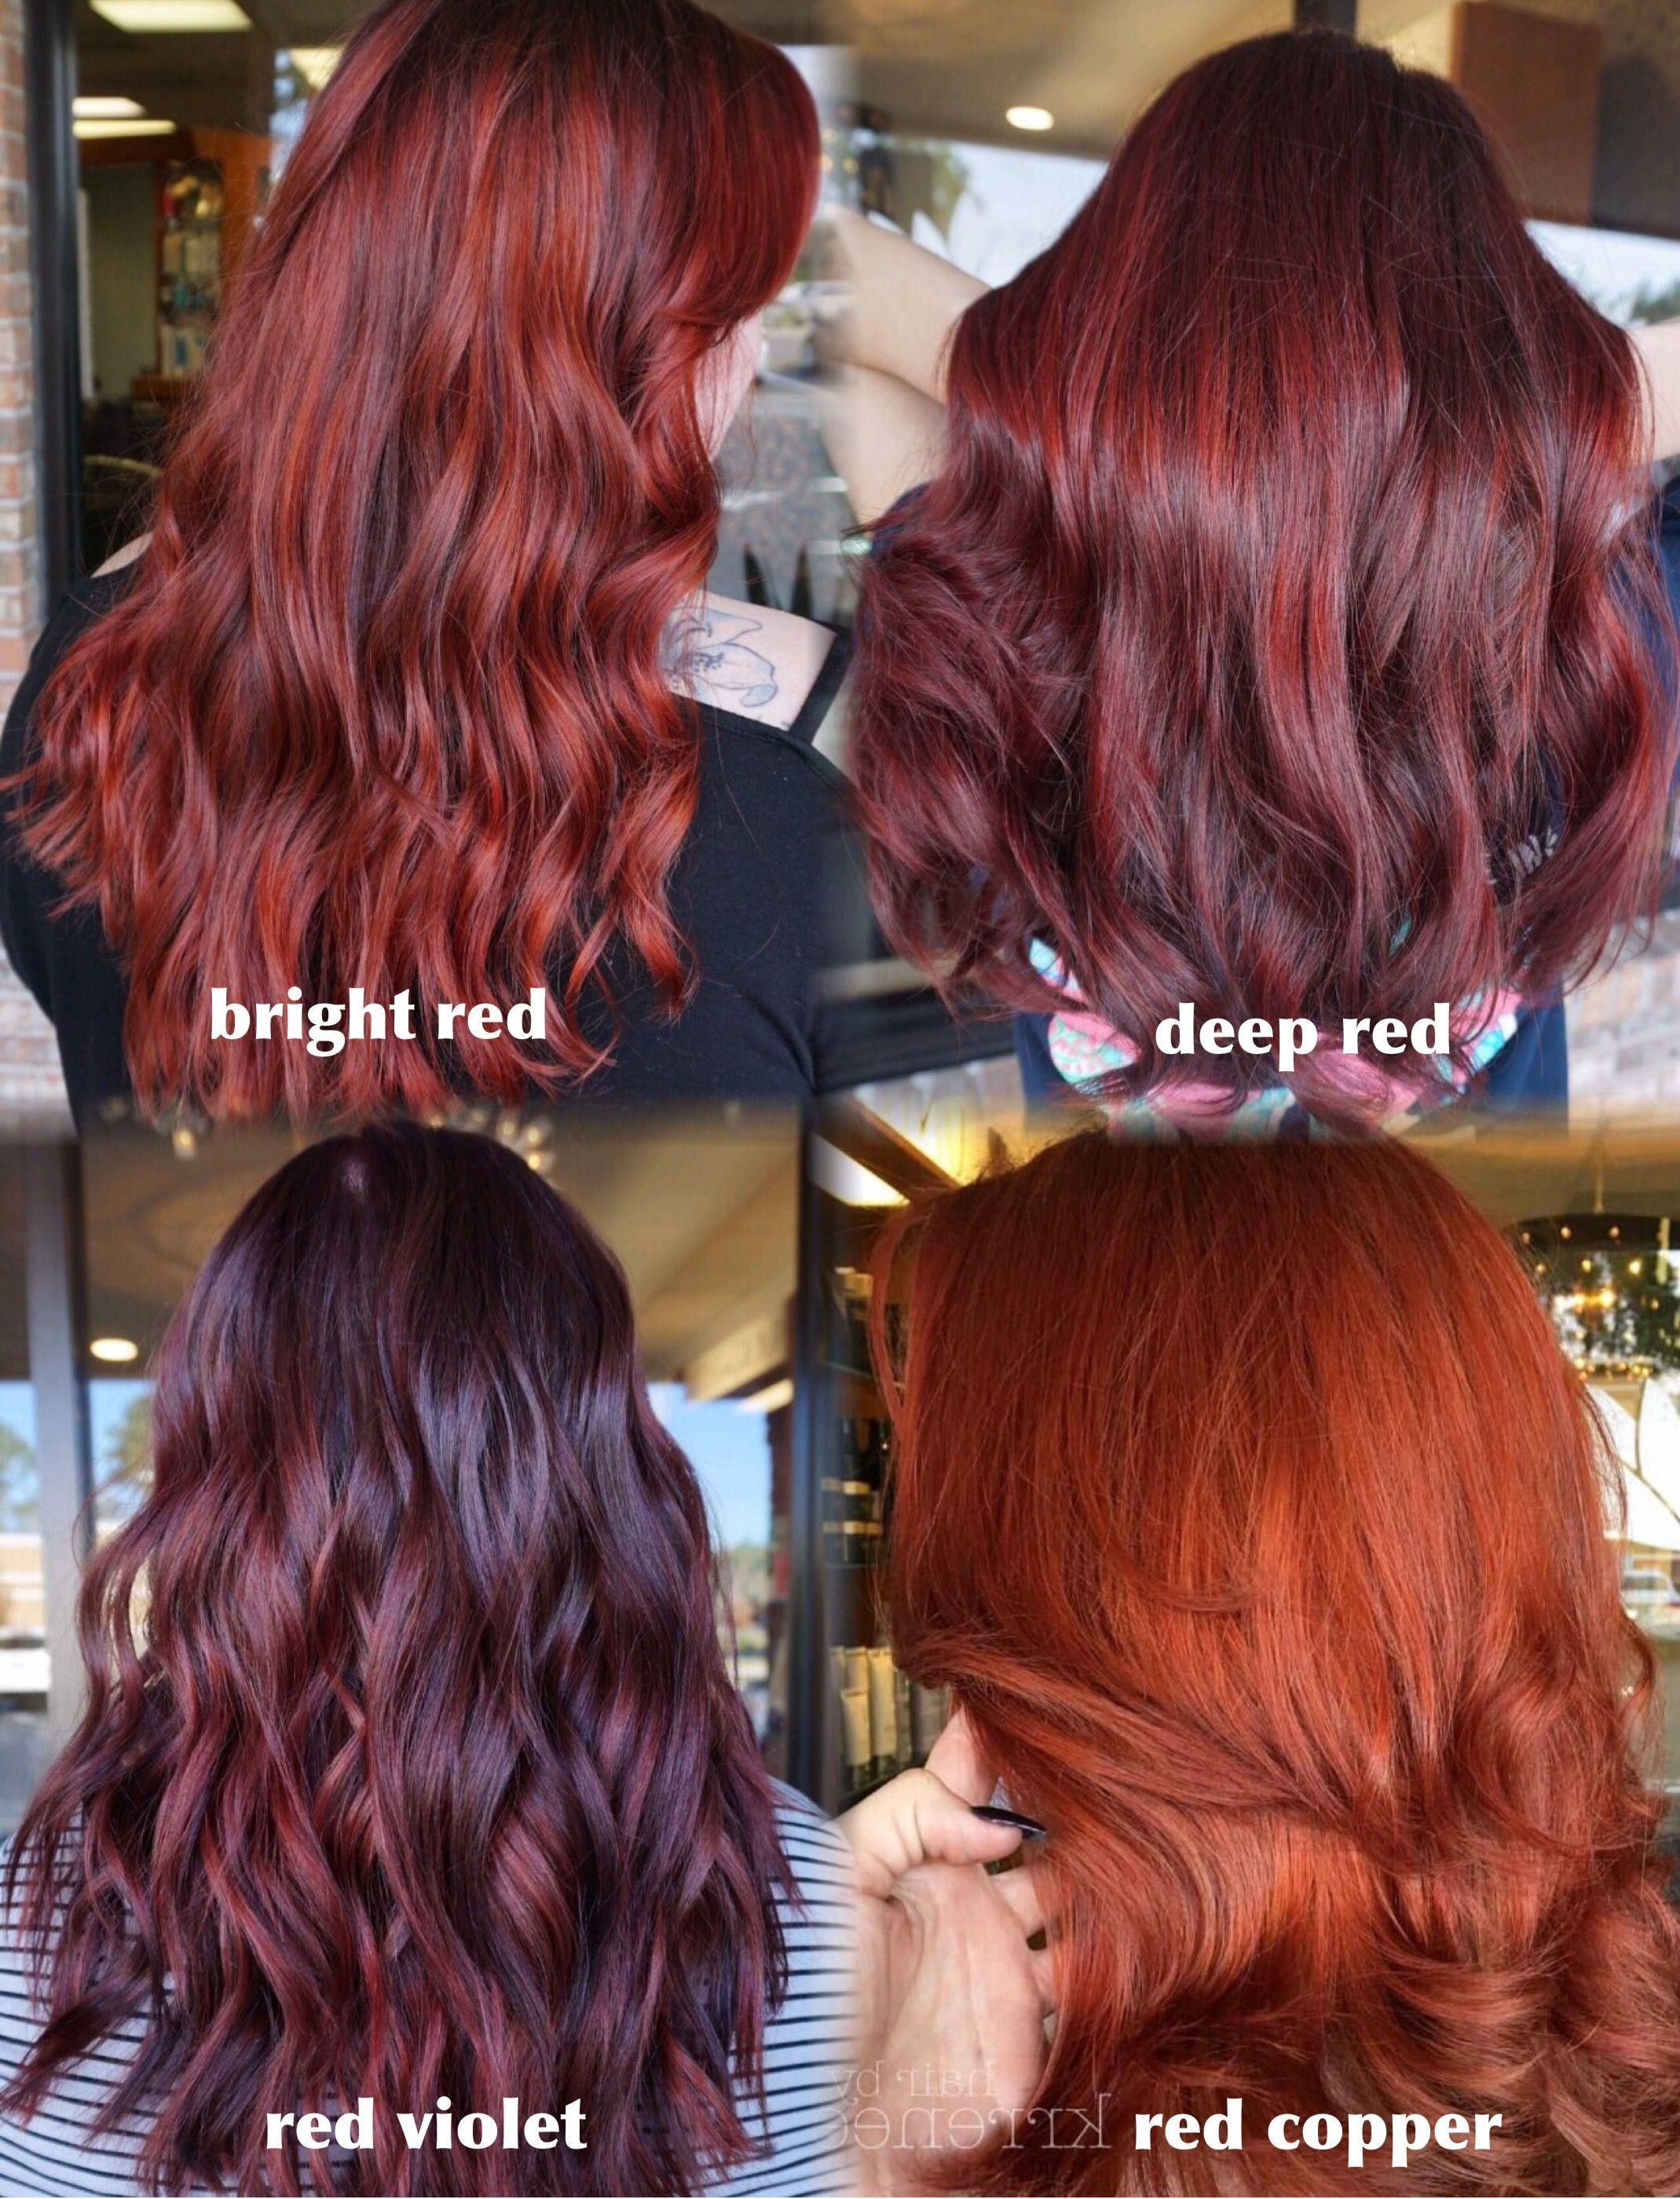 37 Die Besten Farbtonideen Fur Rote Haare Im Jahr 2019 Bordovye Volosy Balayazh Pricheski